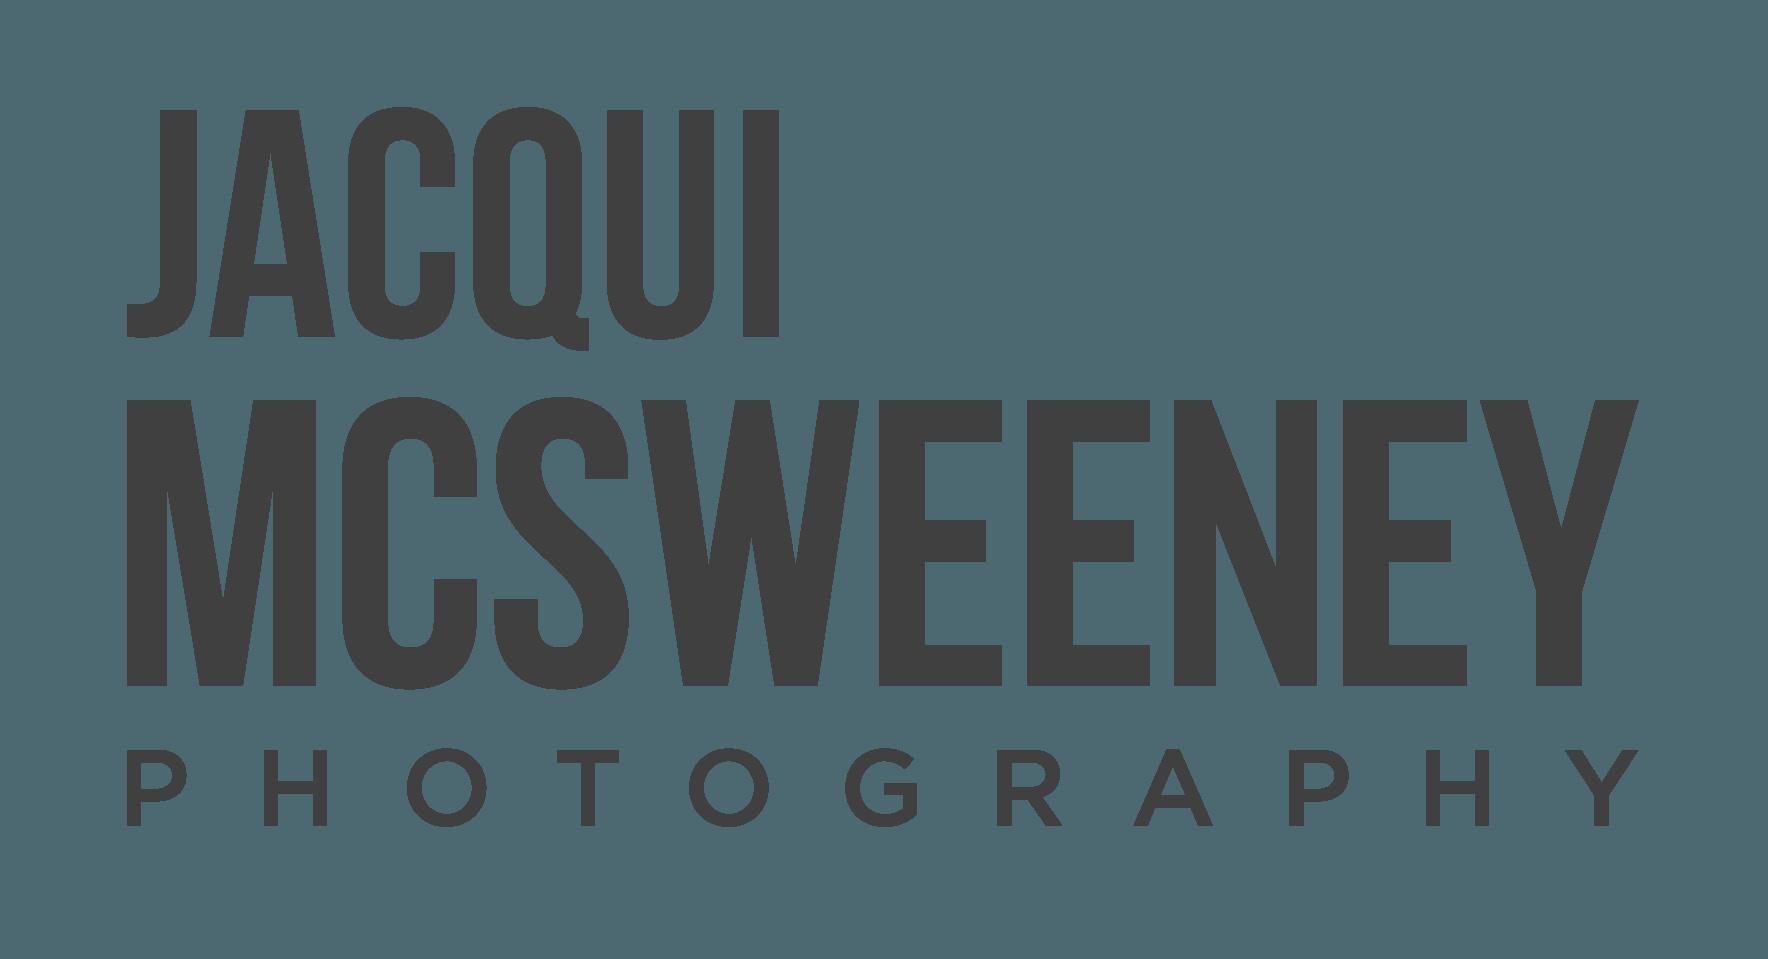 Jacqui McSweeney Photography